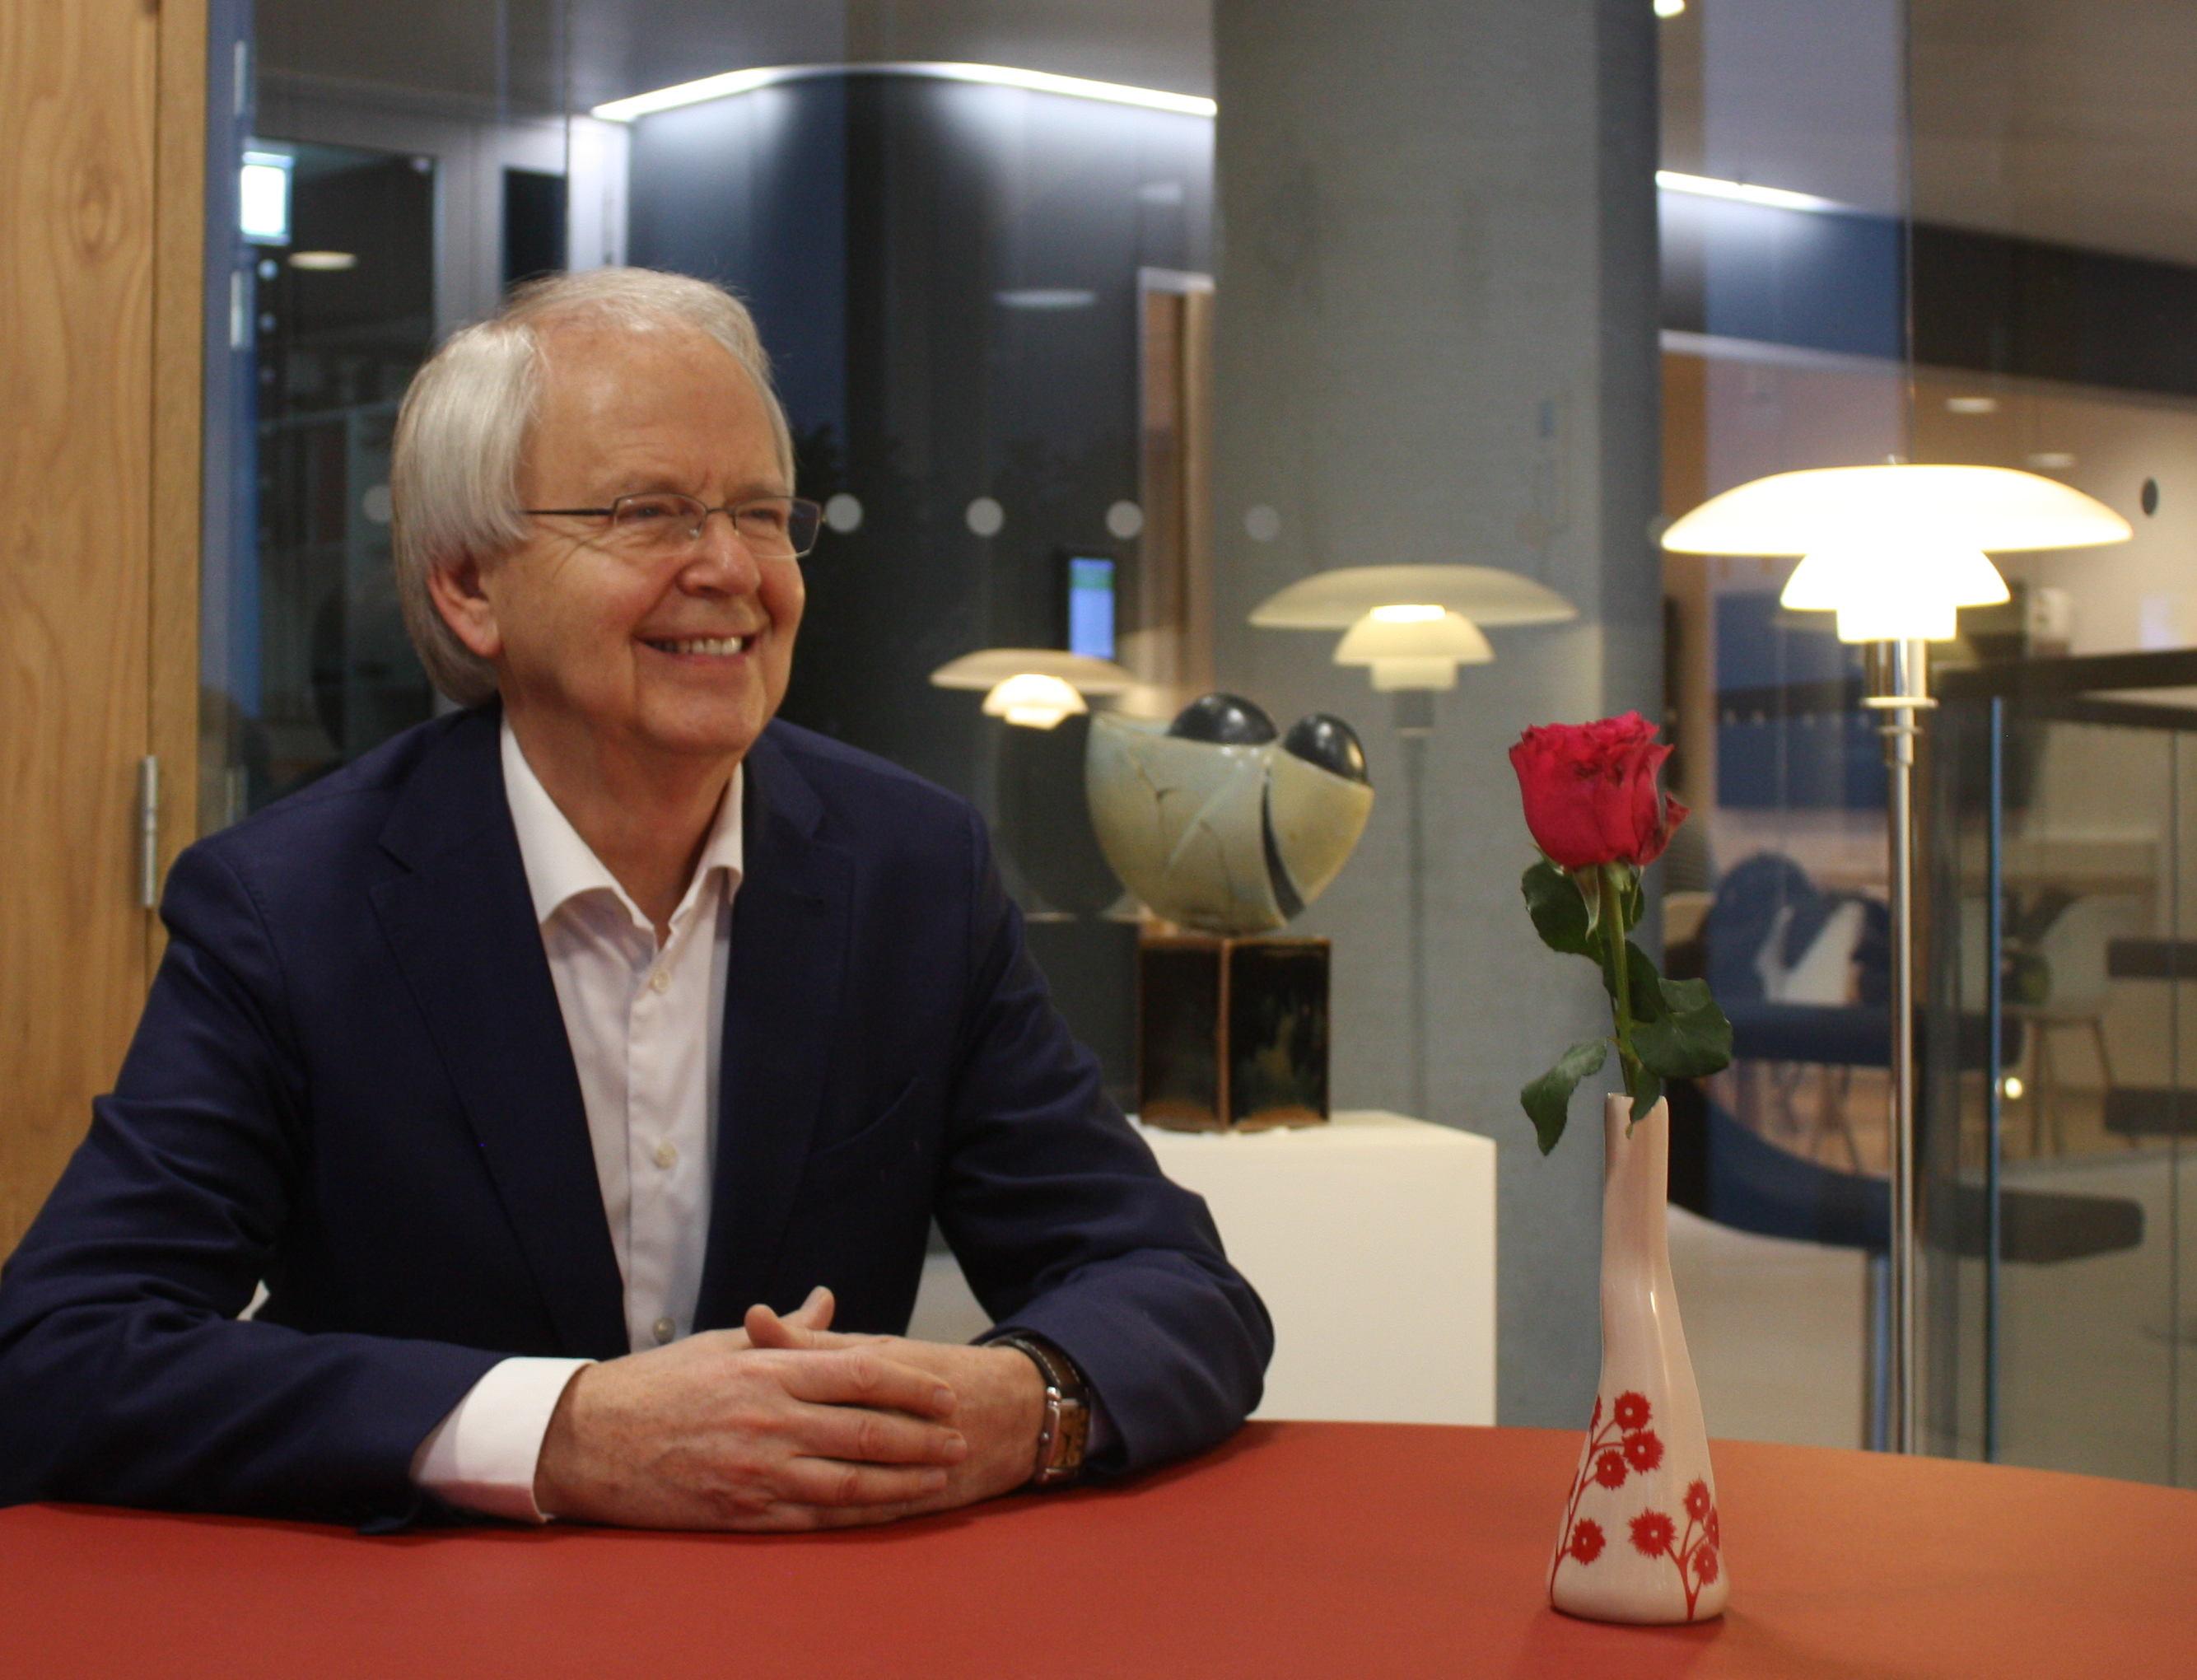 Oluf Borbye Pedersen er dr.med. og professor i genomforskning ved Københavns Universitet. Han har siden 2010 været forskningsleder ved Novo Nordisk Fondens Metabolismecenter på Københavns Universitet. Han er at finde i det internationale førerfelt der udforsker genetiske og miljømæssige årsager til livsstilssygdomme og er blandt pionererne der belyser tarmbakteriernes rolle for sundhed og sygdomsrisiko. Oluf Borbye Pedersen har modtaget en række priser – både for sin forskning og for formidling af forskningsfeltet – senest Uddannelses- og Forskningsministeriets Forskningskommunikationspris 2018.